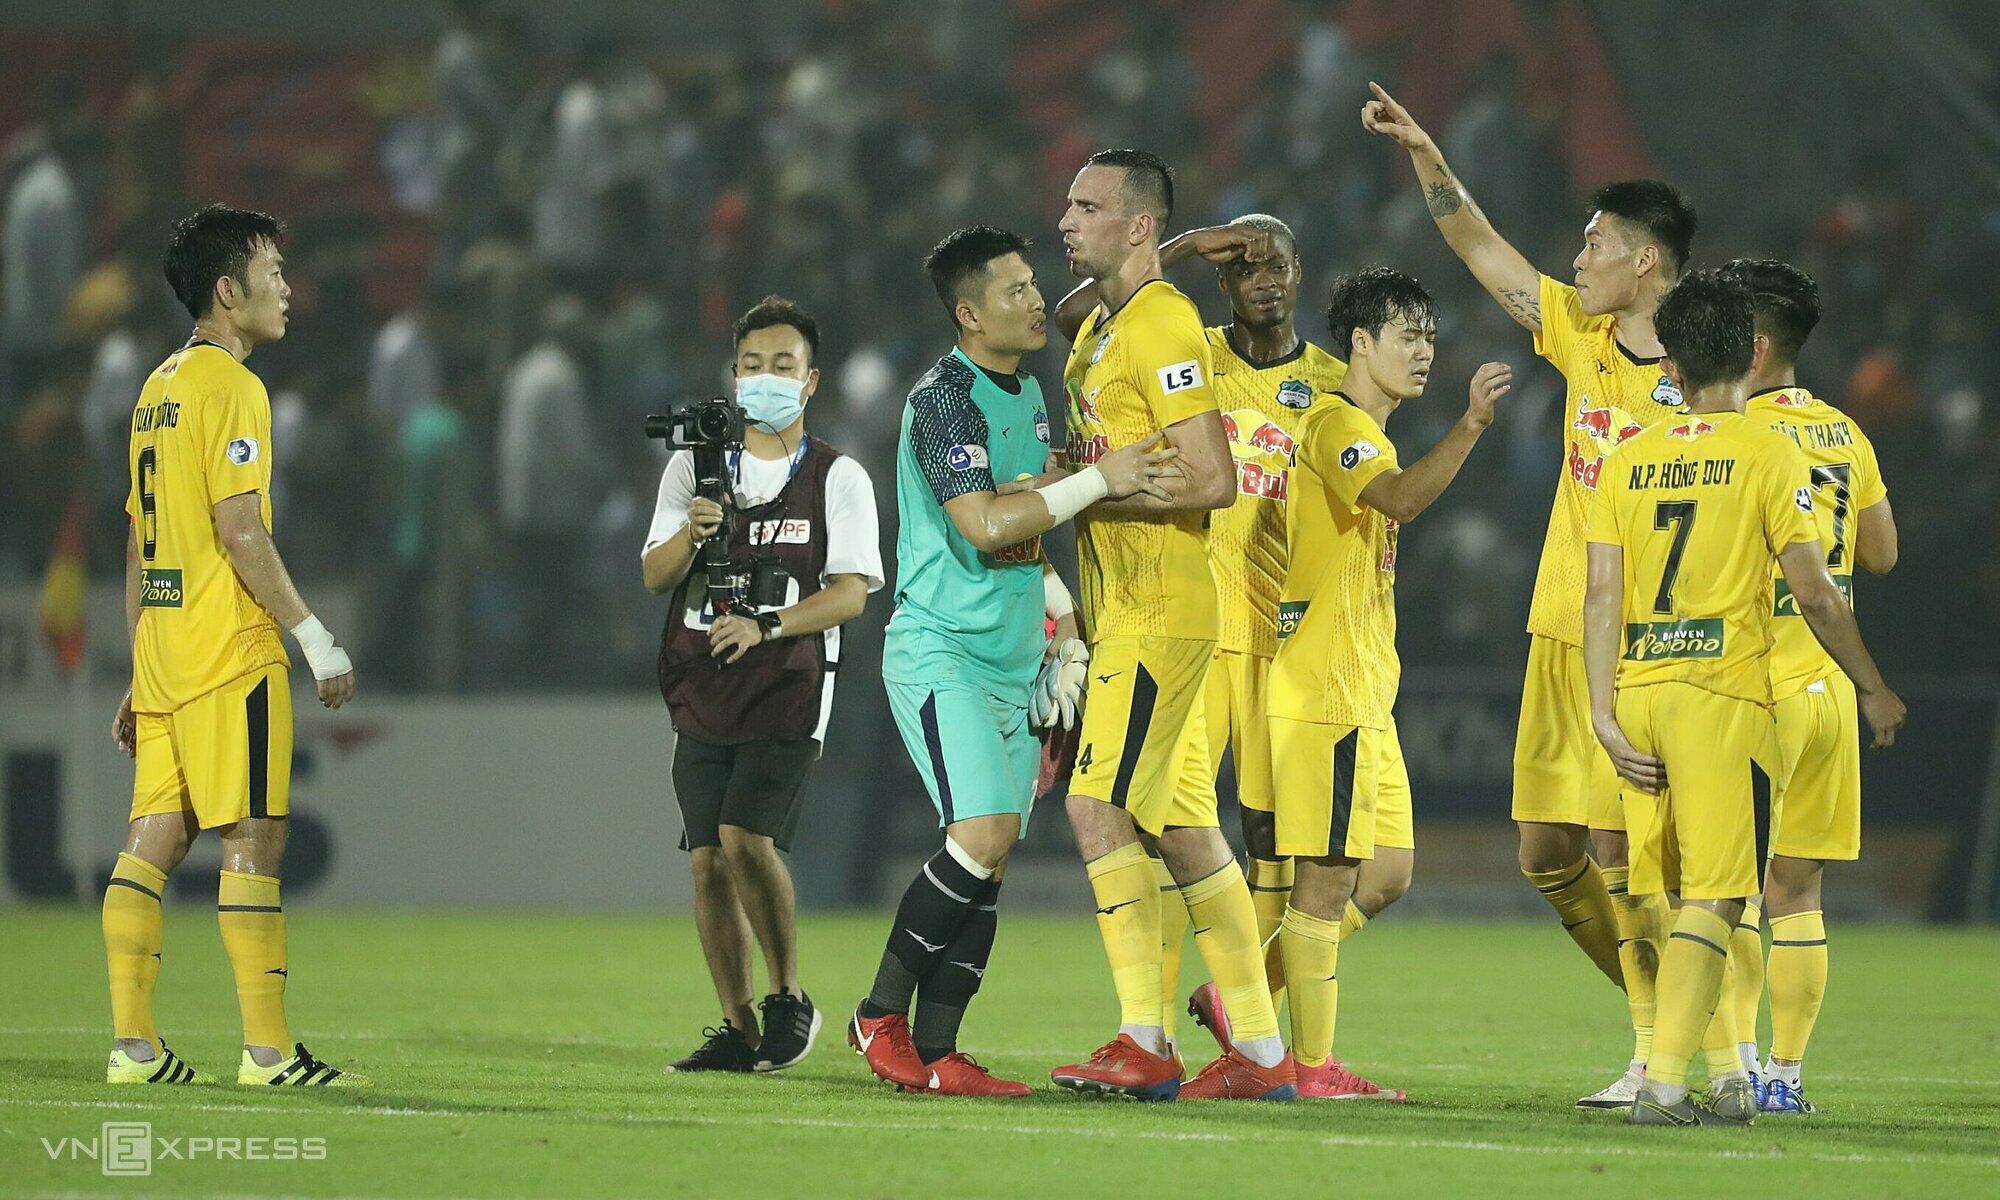 Xuan Truong (kiri) dan Kim Dong-su bisa bertengkar jika mereka tidak putus asa oleh rekan satu tim mereka.  Foto: Minh Minh